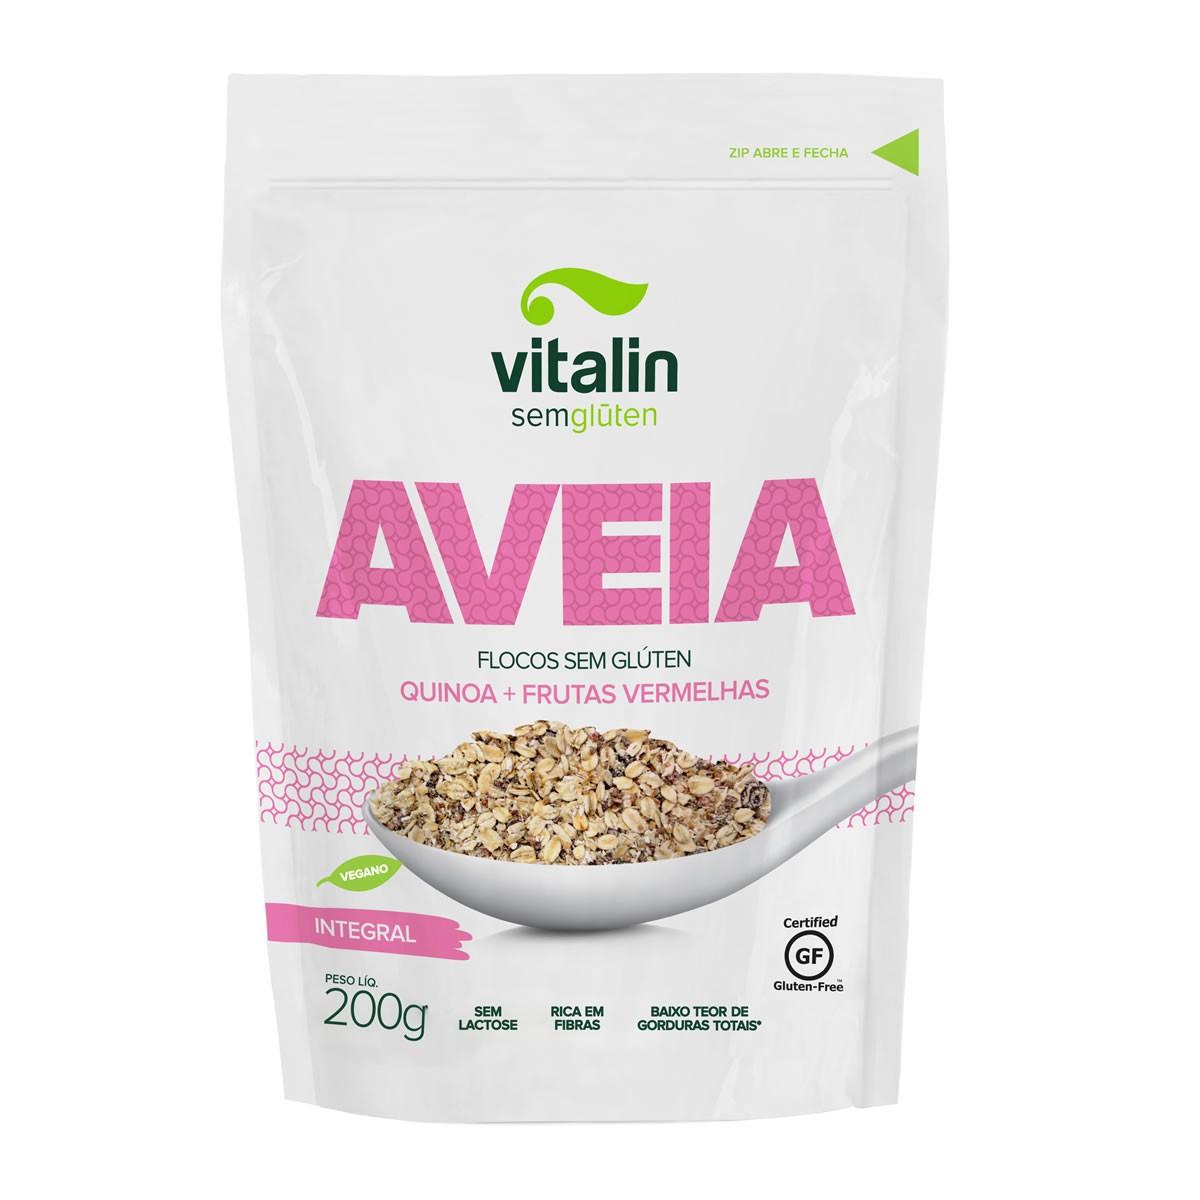 Aveia em Flocos com Quinoa e Frutas Vermelhas 200g - Vitalin